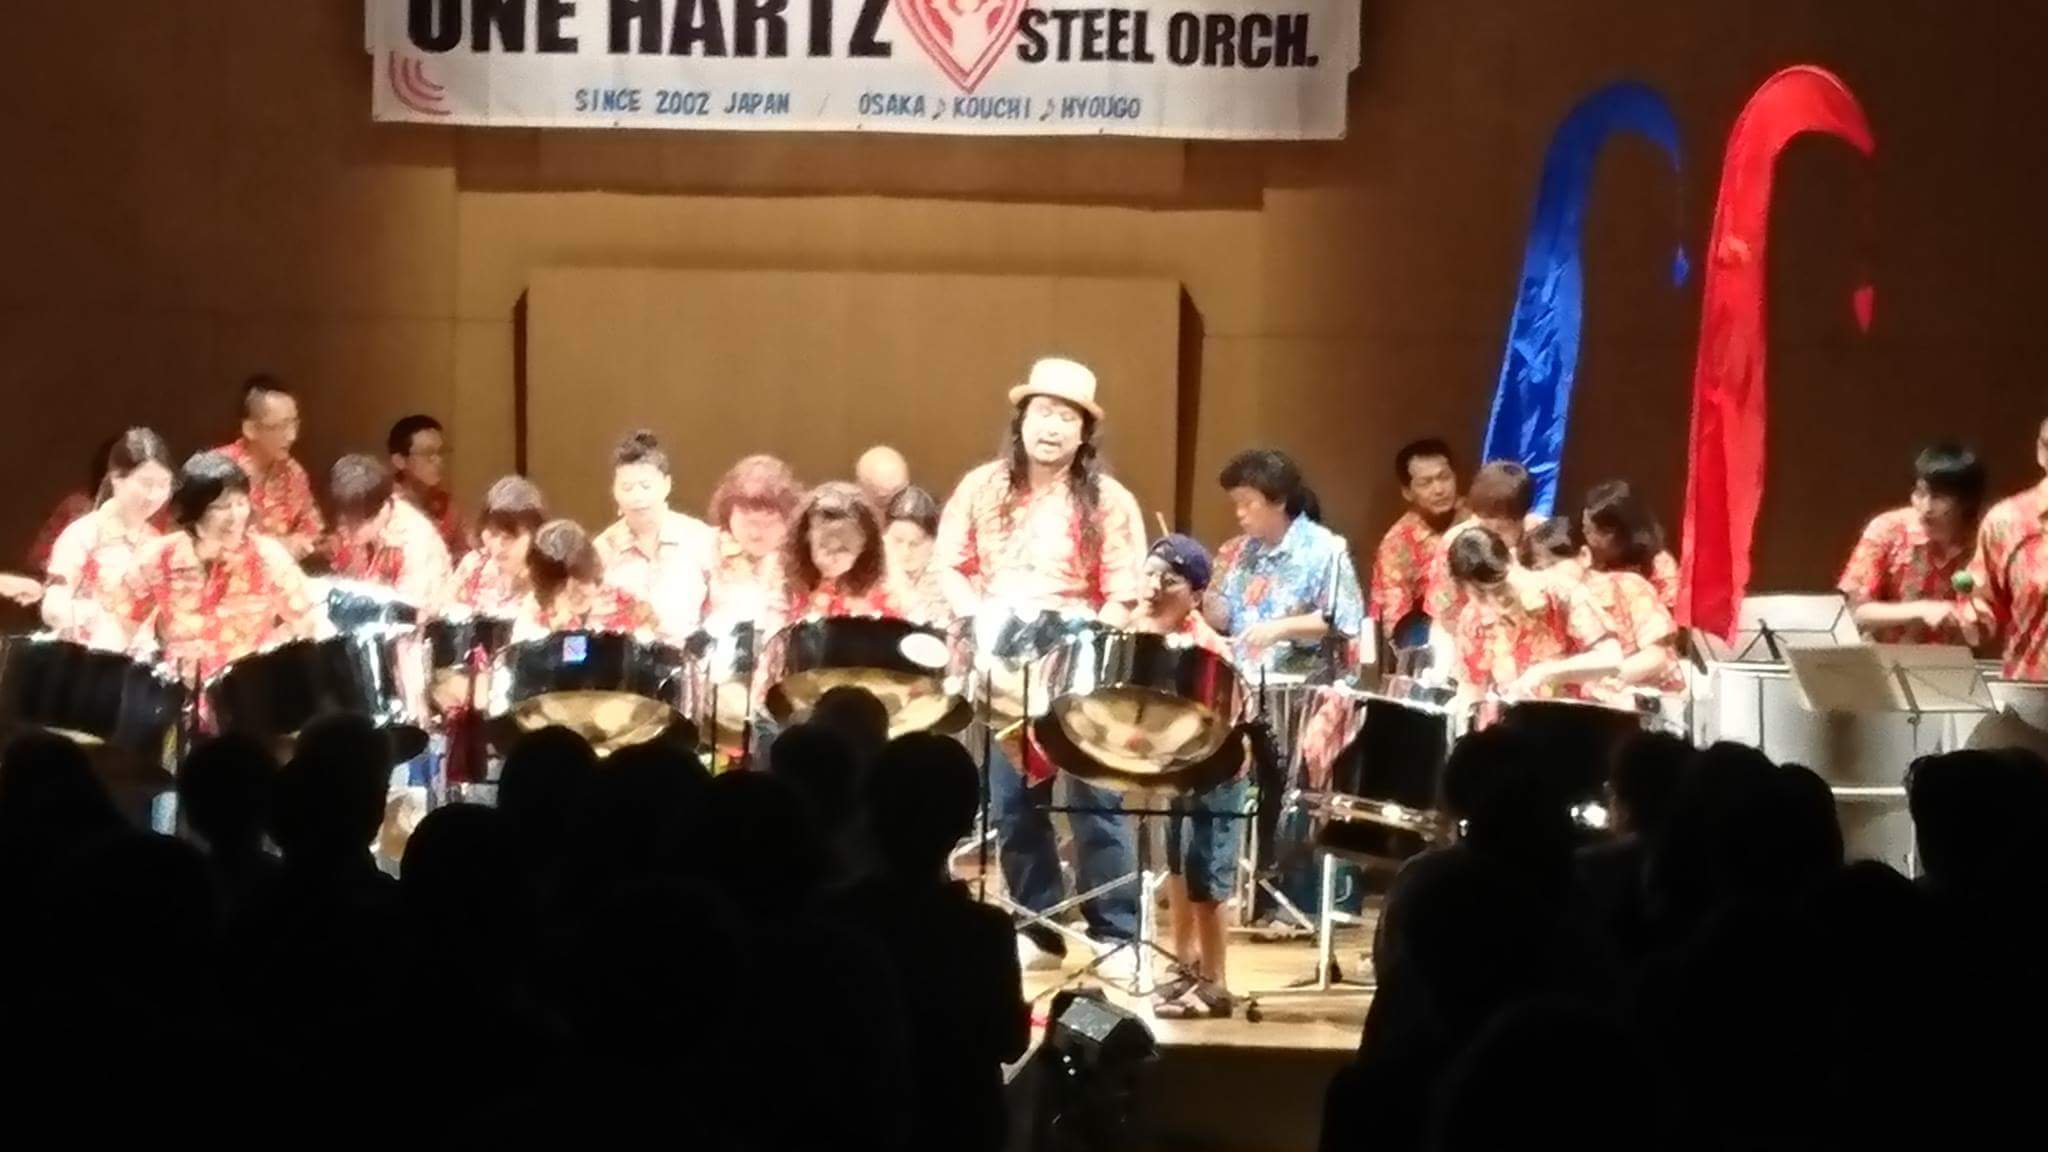 高知でスティールパン祭「15周年編」にて演奏してきました。_b0248249_14180493.jpeg